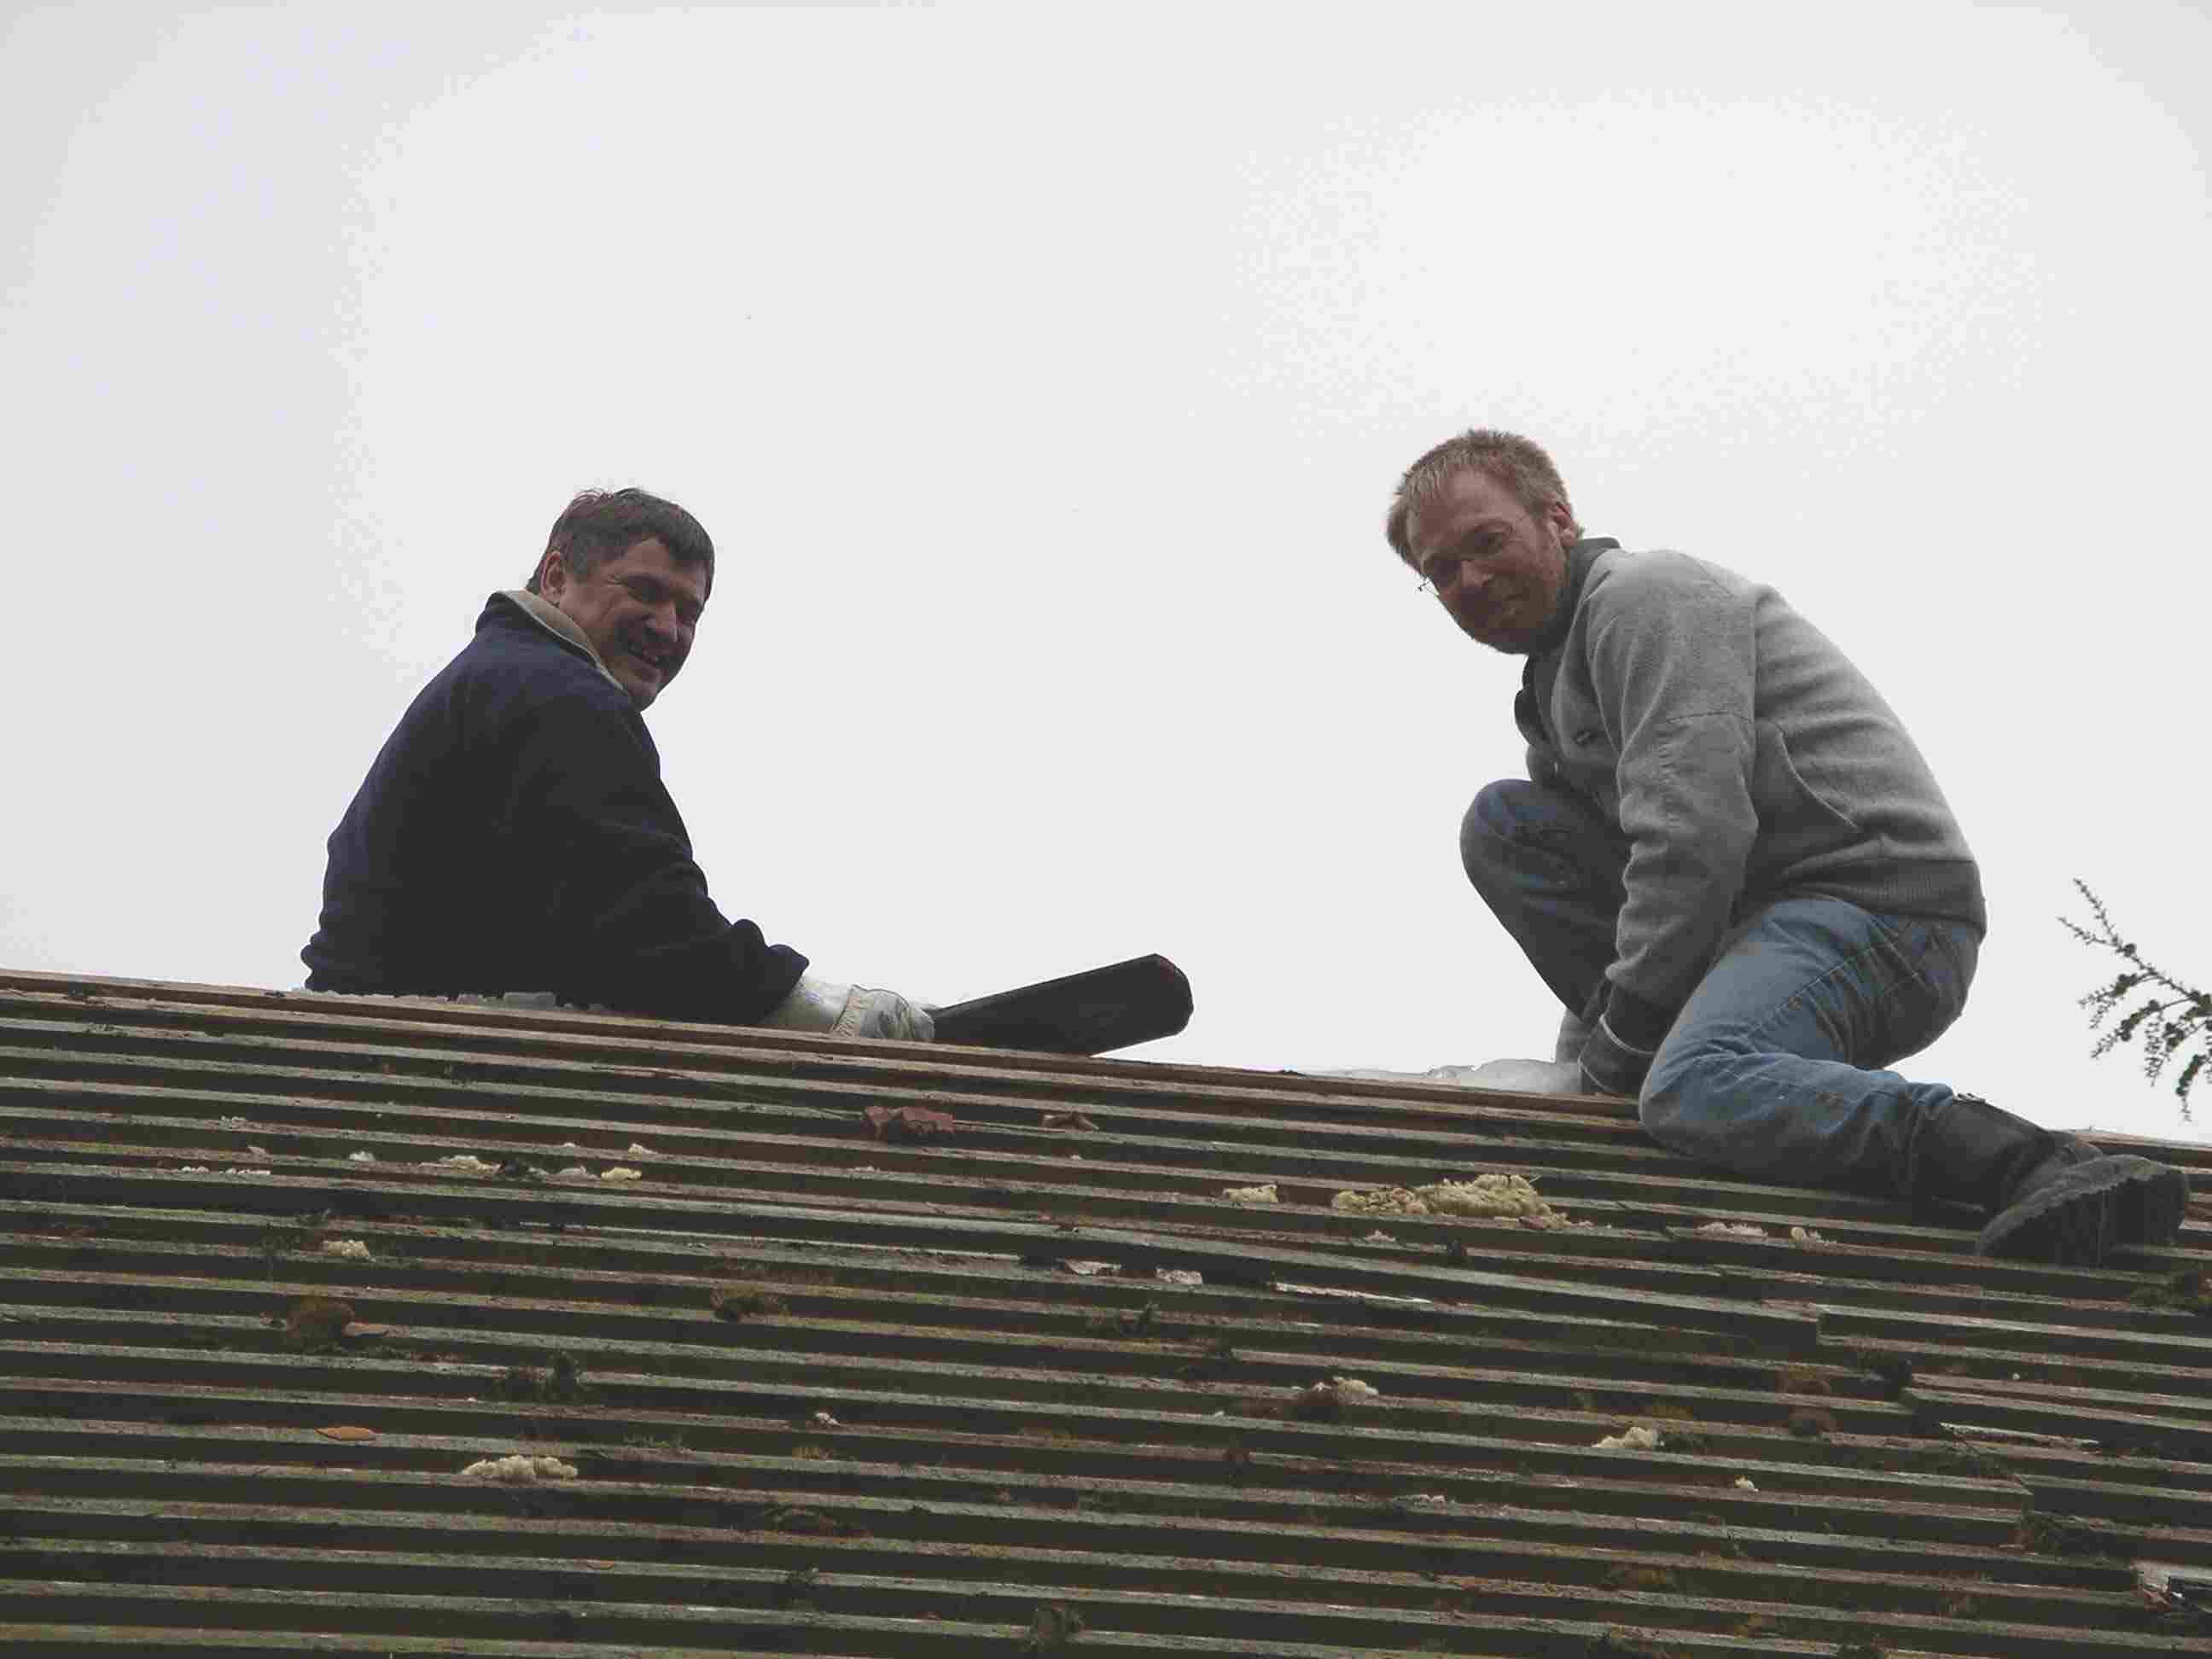 2008_04_Pfadfhaus Dach-1